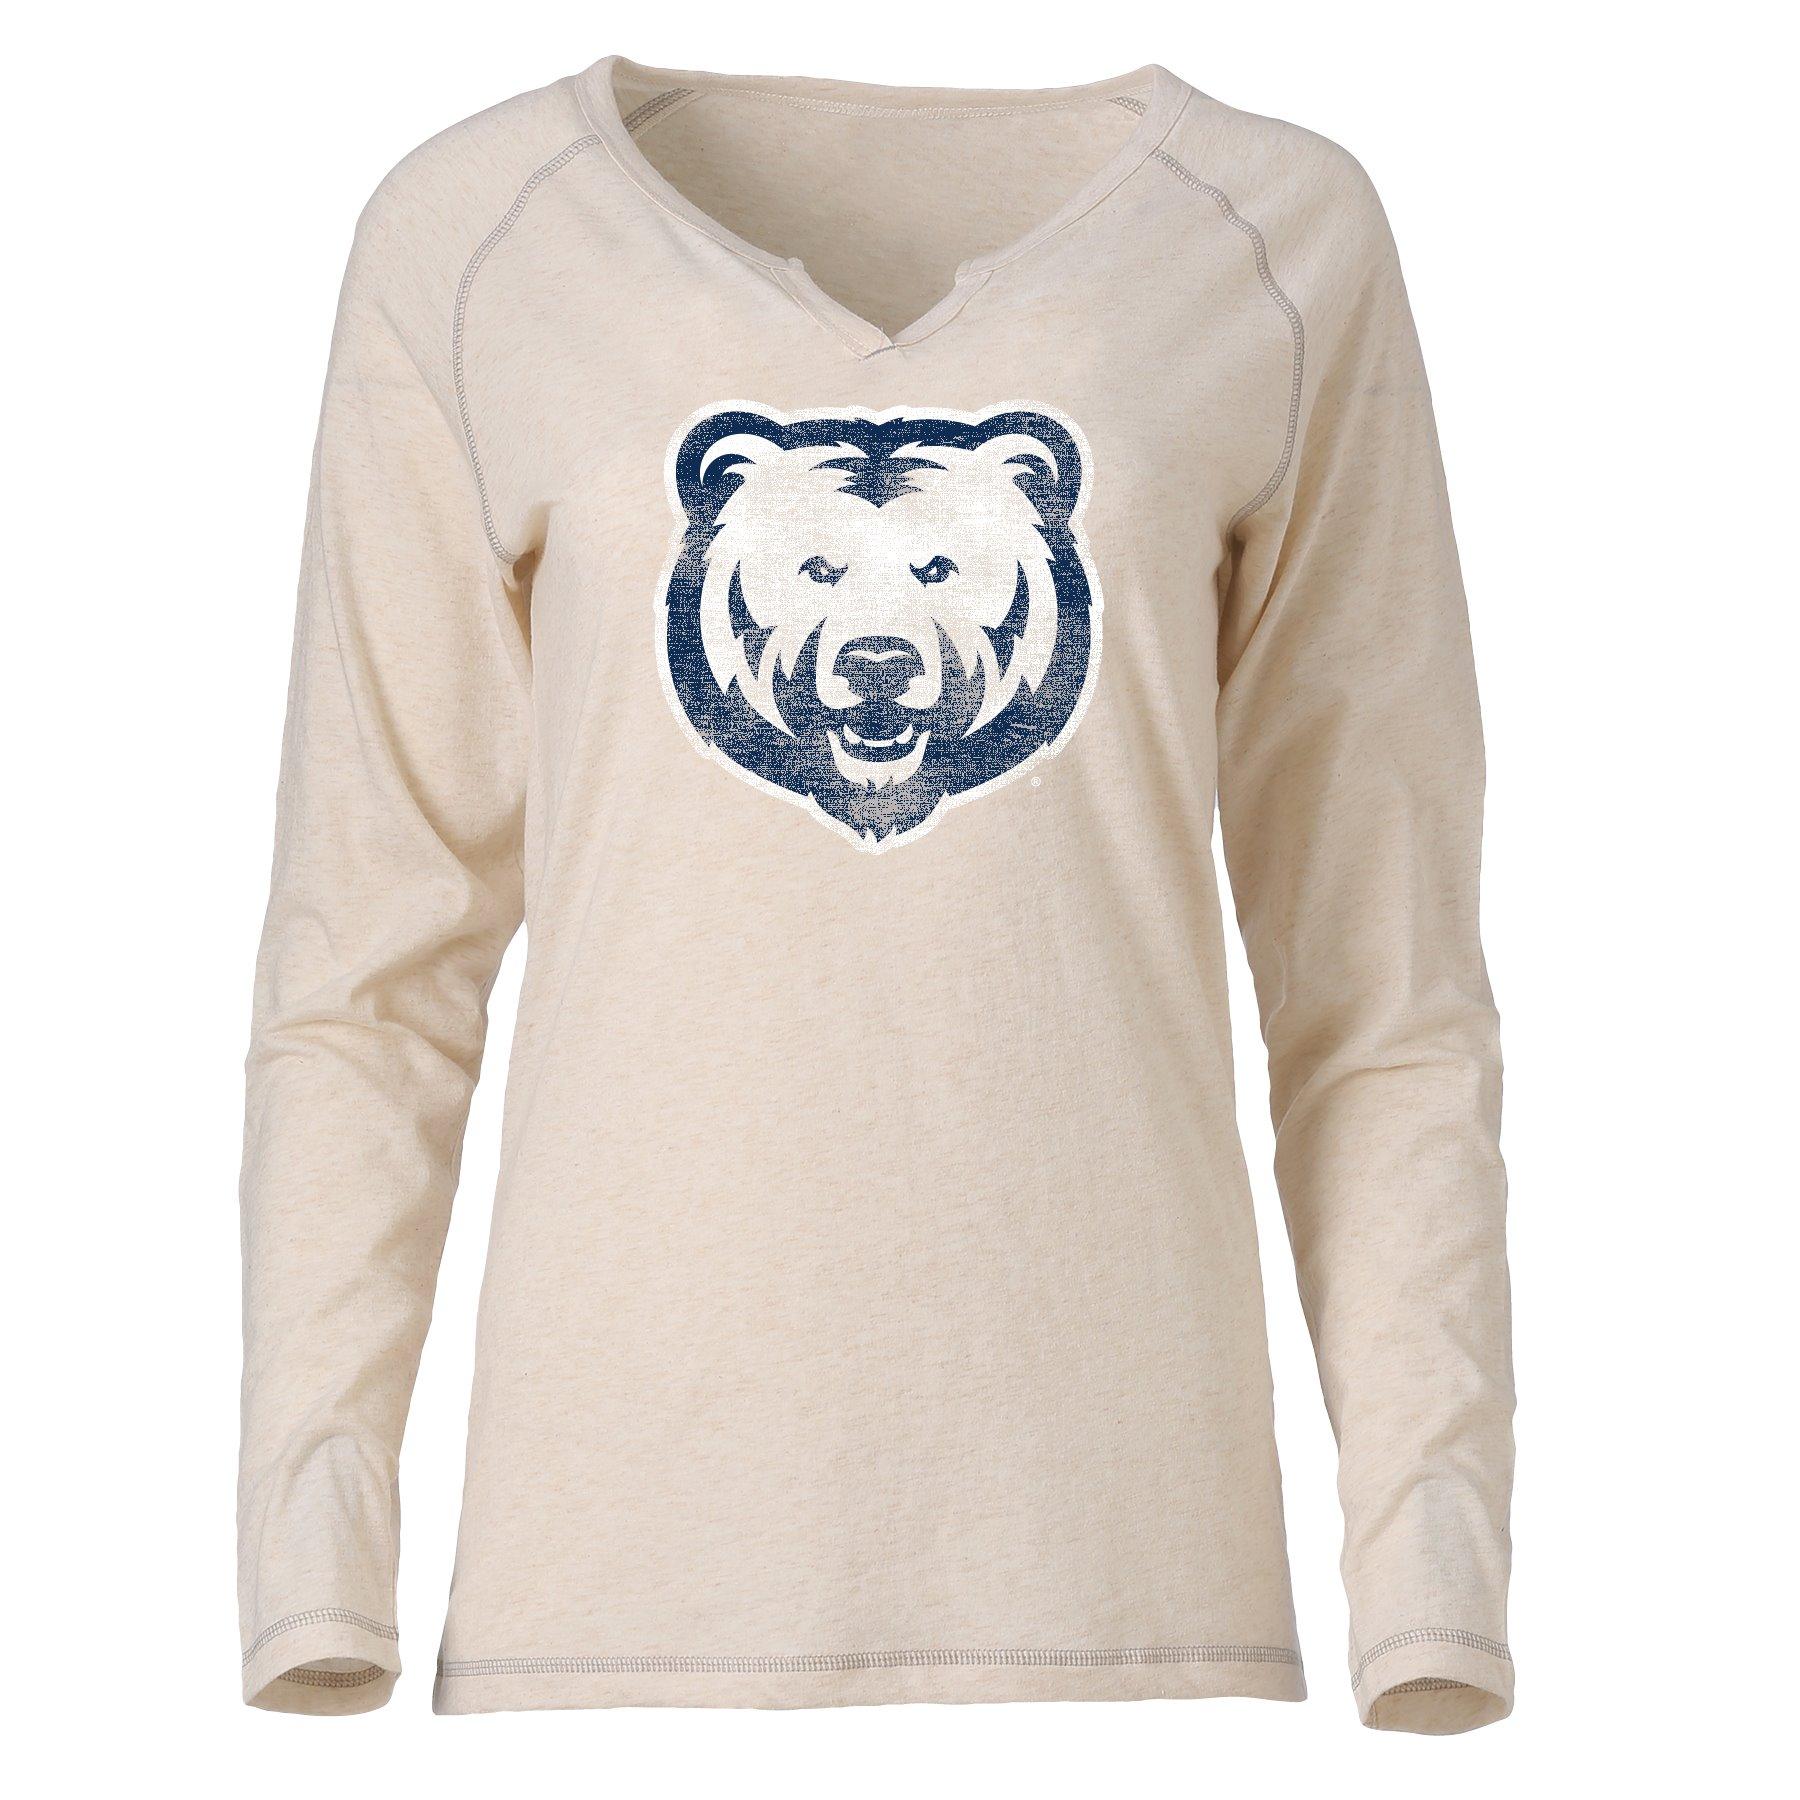 Women's UNC Bears Long Sleeve